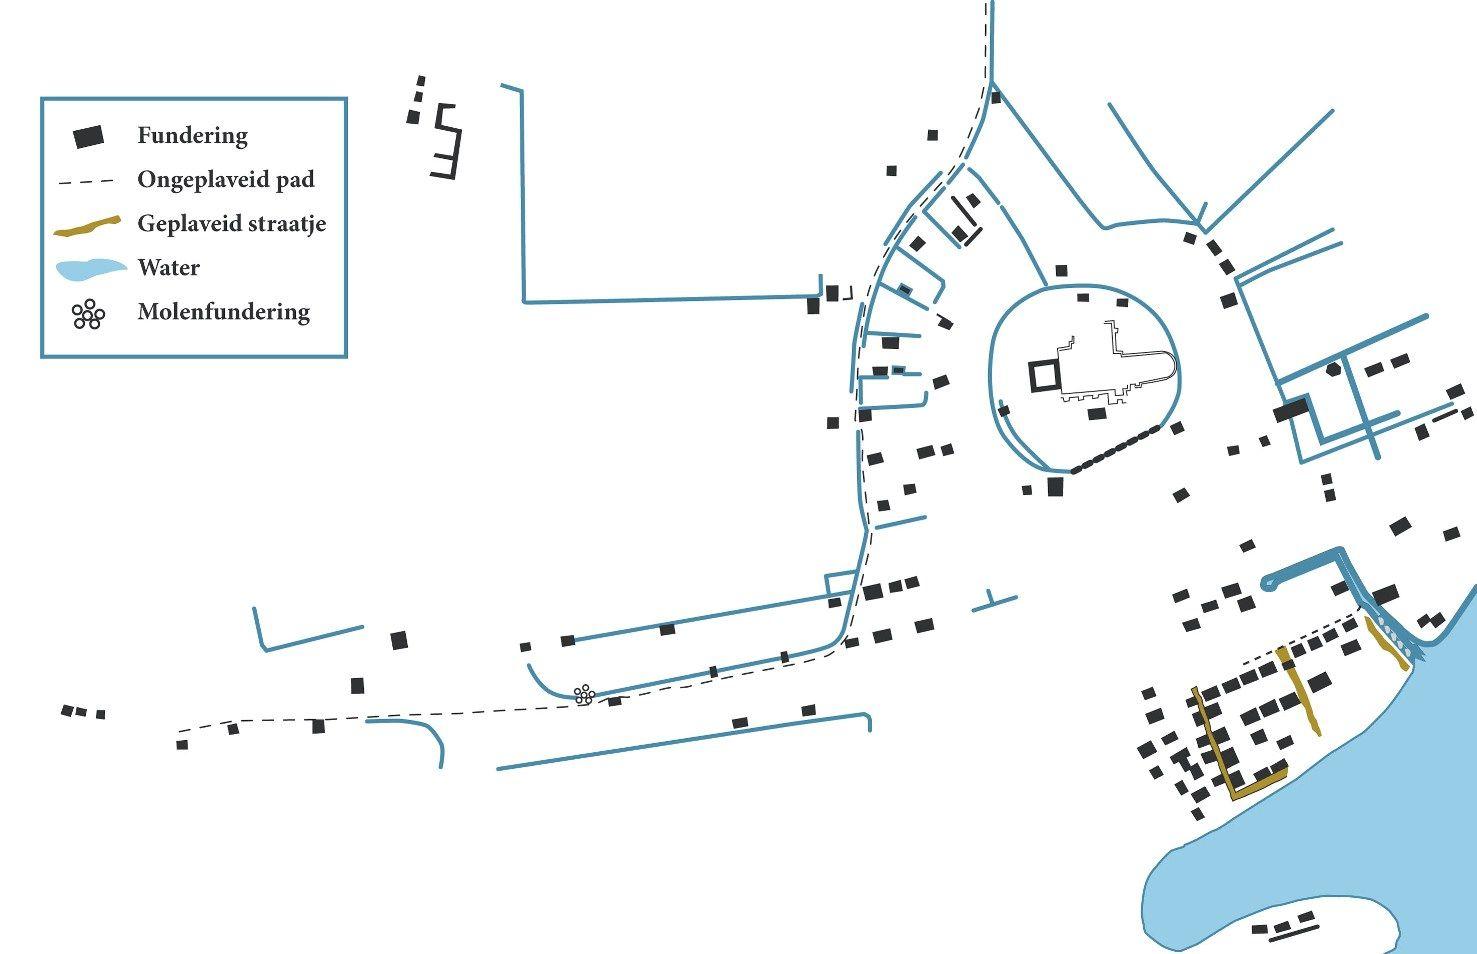 Schematisch overzicht van de dorpsplattegrond van het verdronken Nieuwlande gebaseerd op gepubliceerde gegevens en niet wetenschappelijk vastgelegde observaties van amateur-archeologen. (Kuipers (eindred.) 2004; samenstelling L. Hopstaken, Bergen op Zoom)